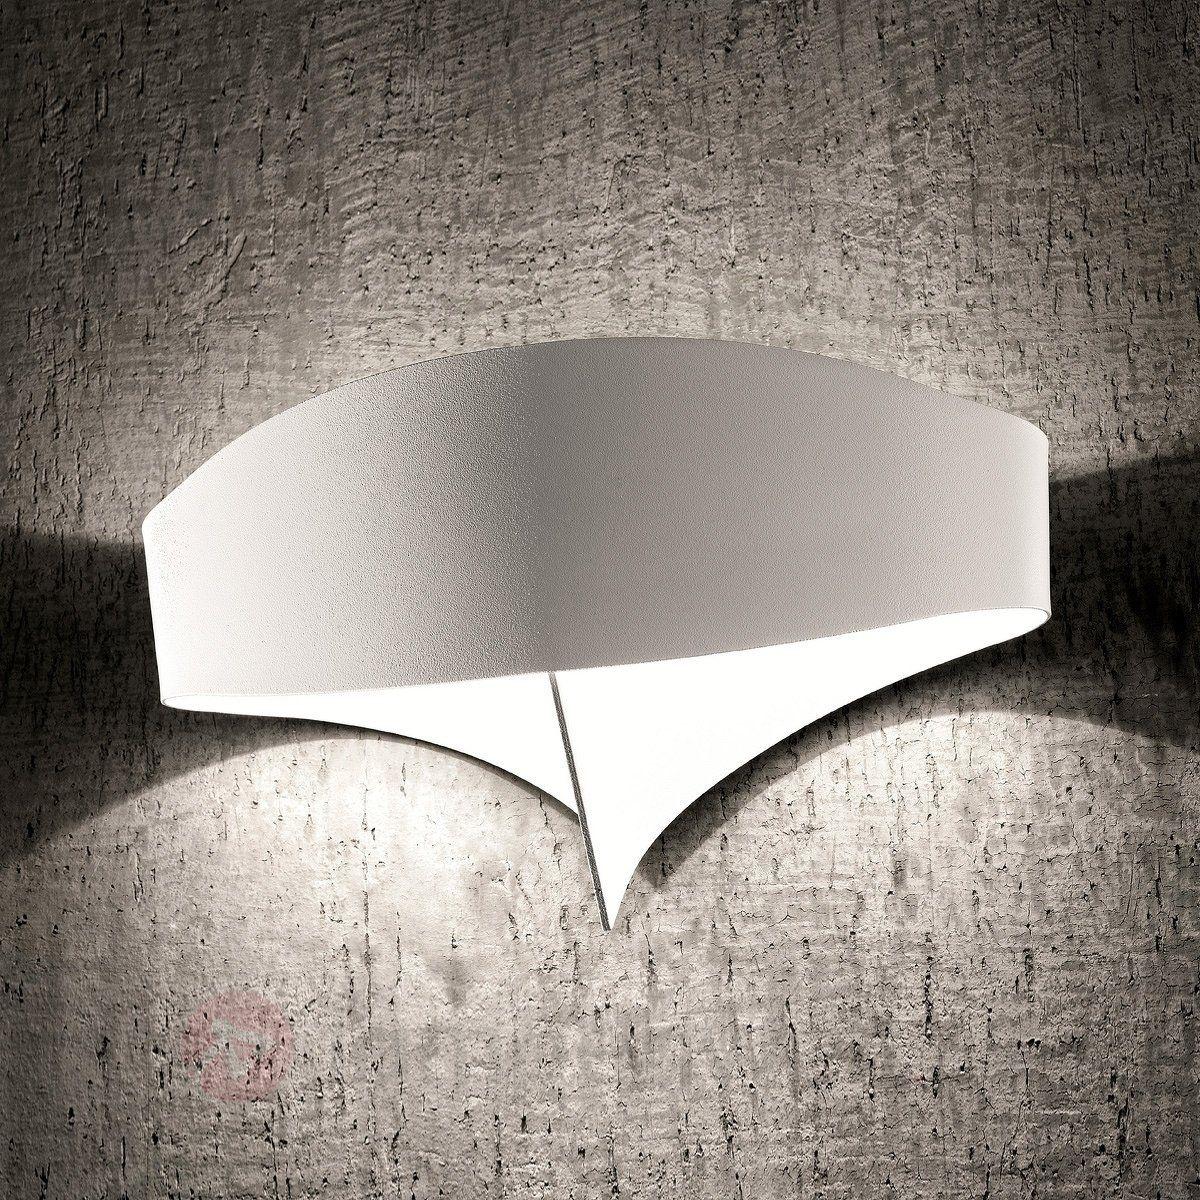 Faszinierend Designer Wandleuchten Ideen Von Weiße Designer-wandleuchte Scudo Sicher & Bequem Neutural